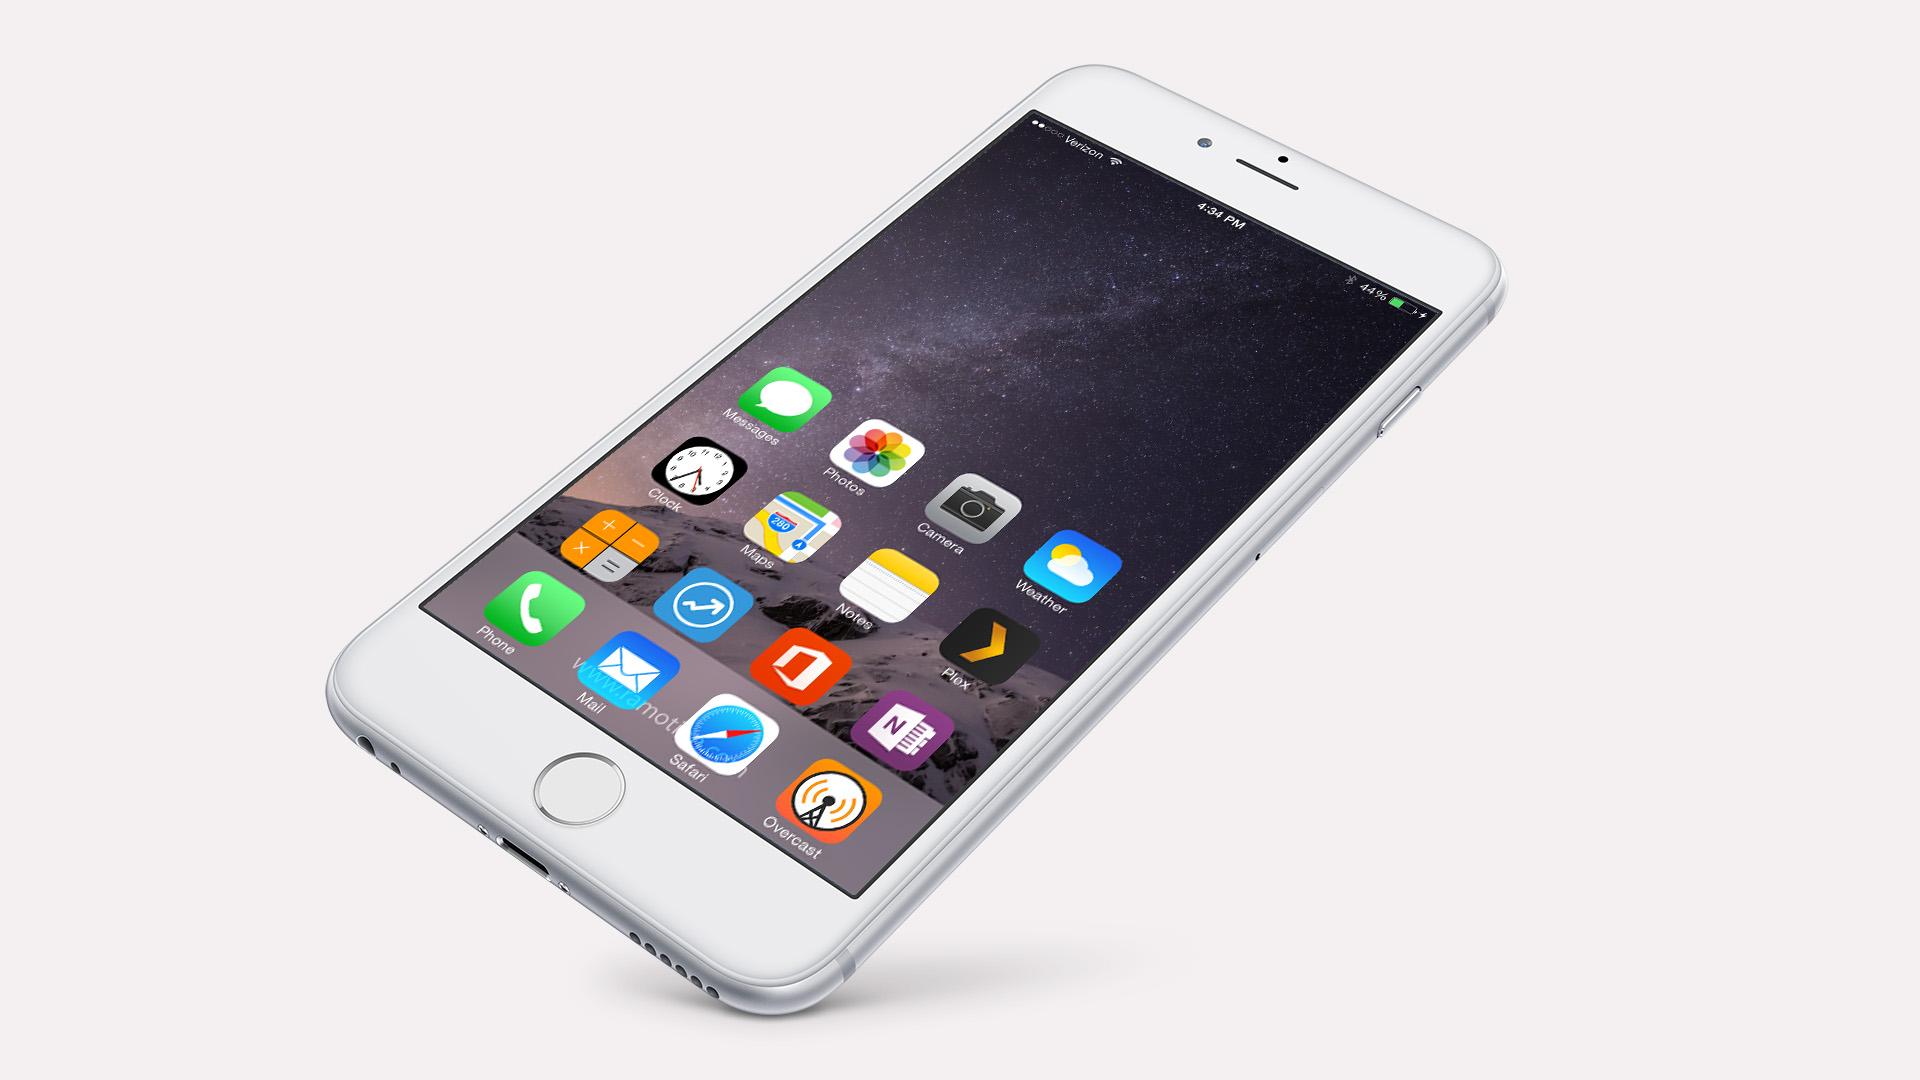 How to take screenshot iphone 6 plus